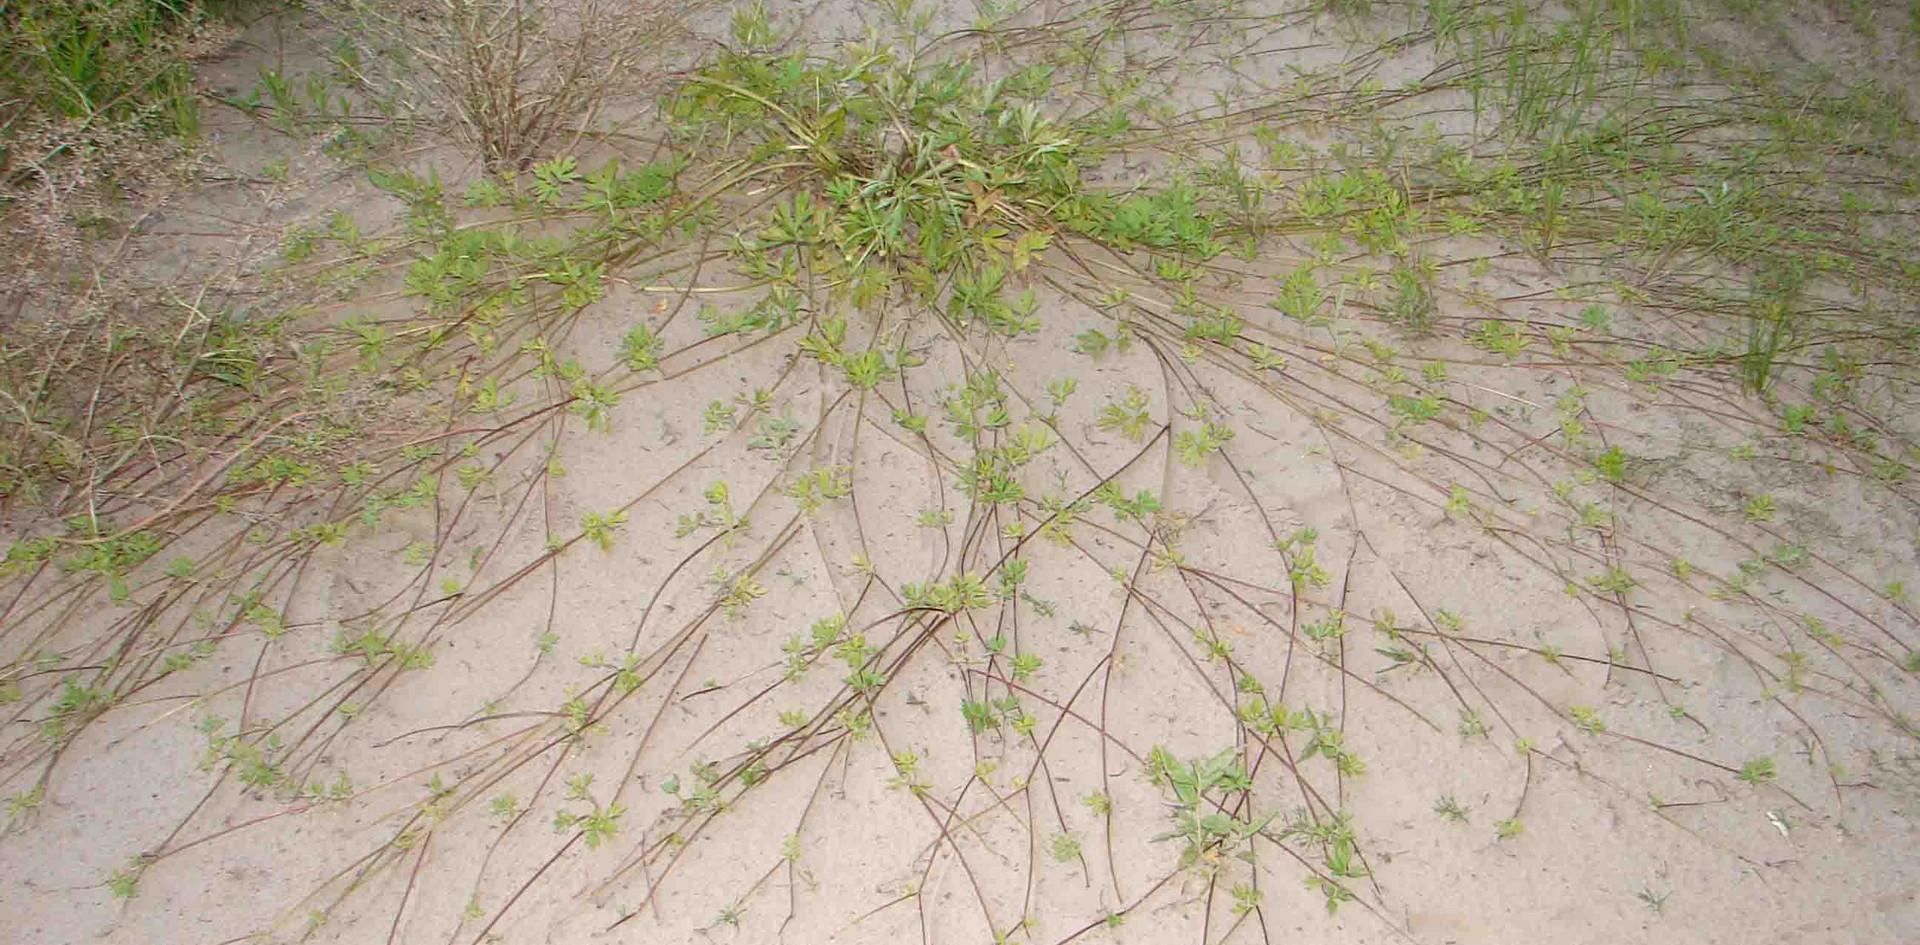 Растение на песке. 2006.